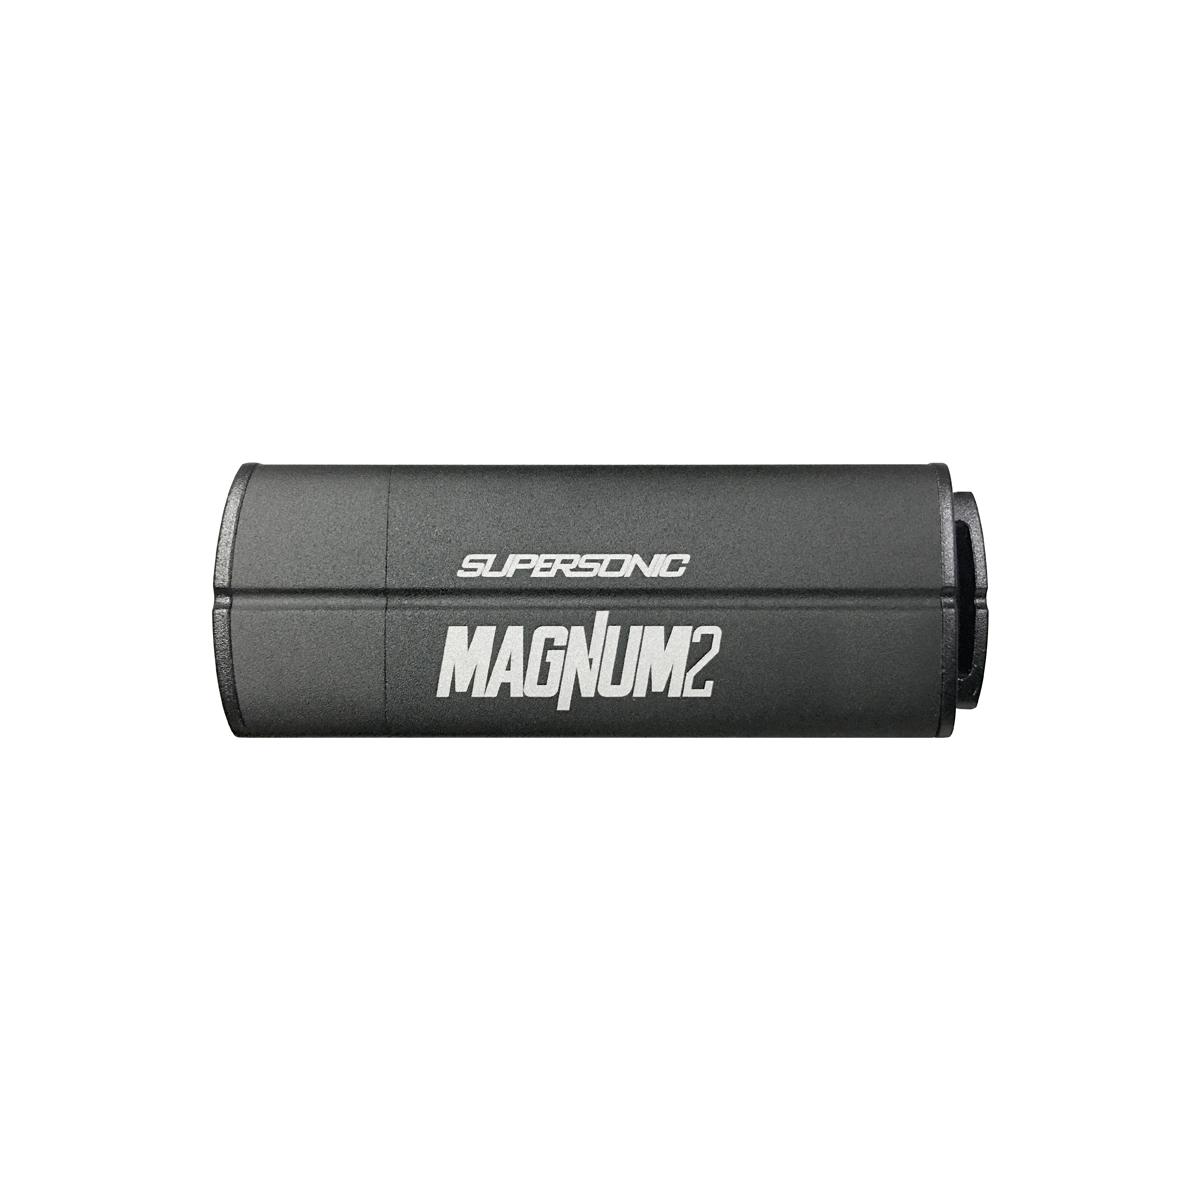 512GB Patriot Supersonic Magnum 2 USB 3.0 400/300MBs